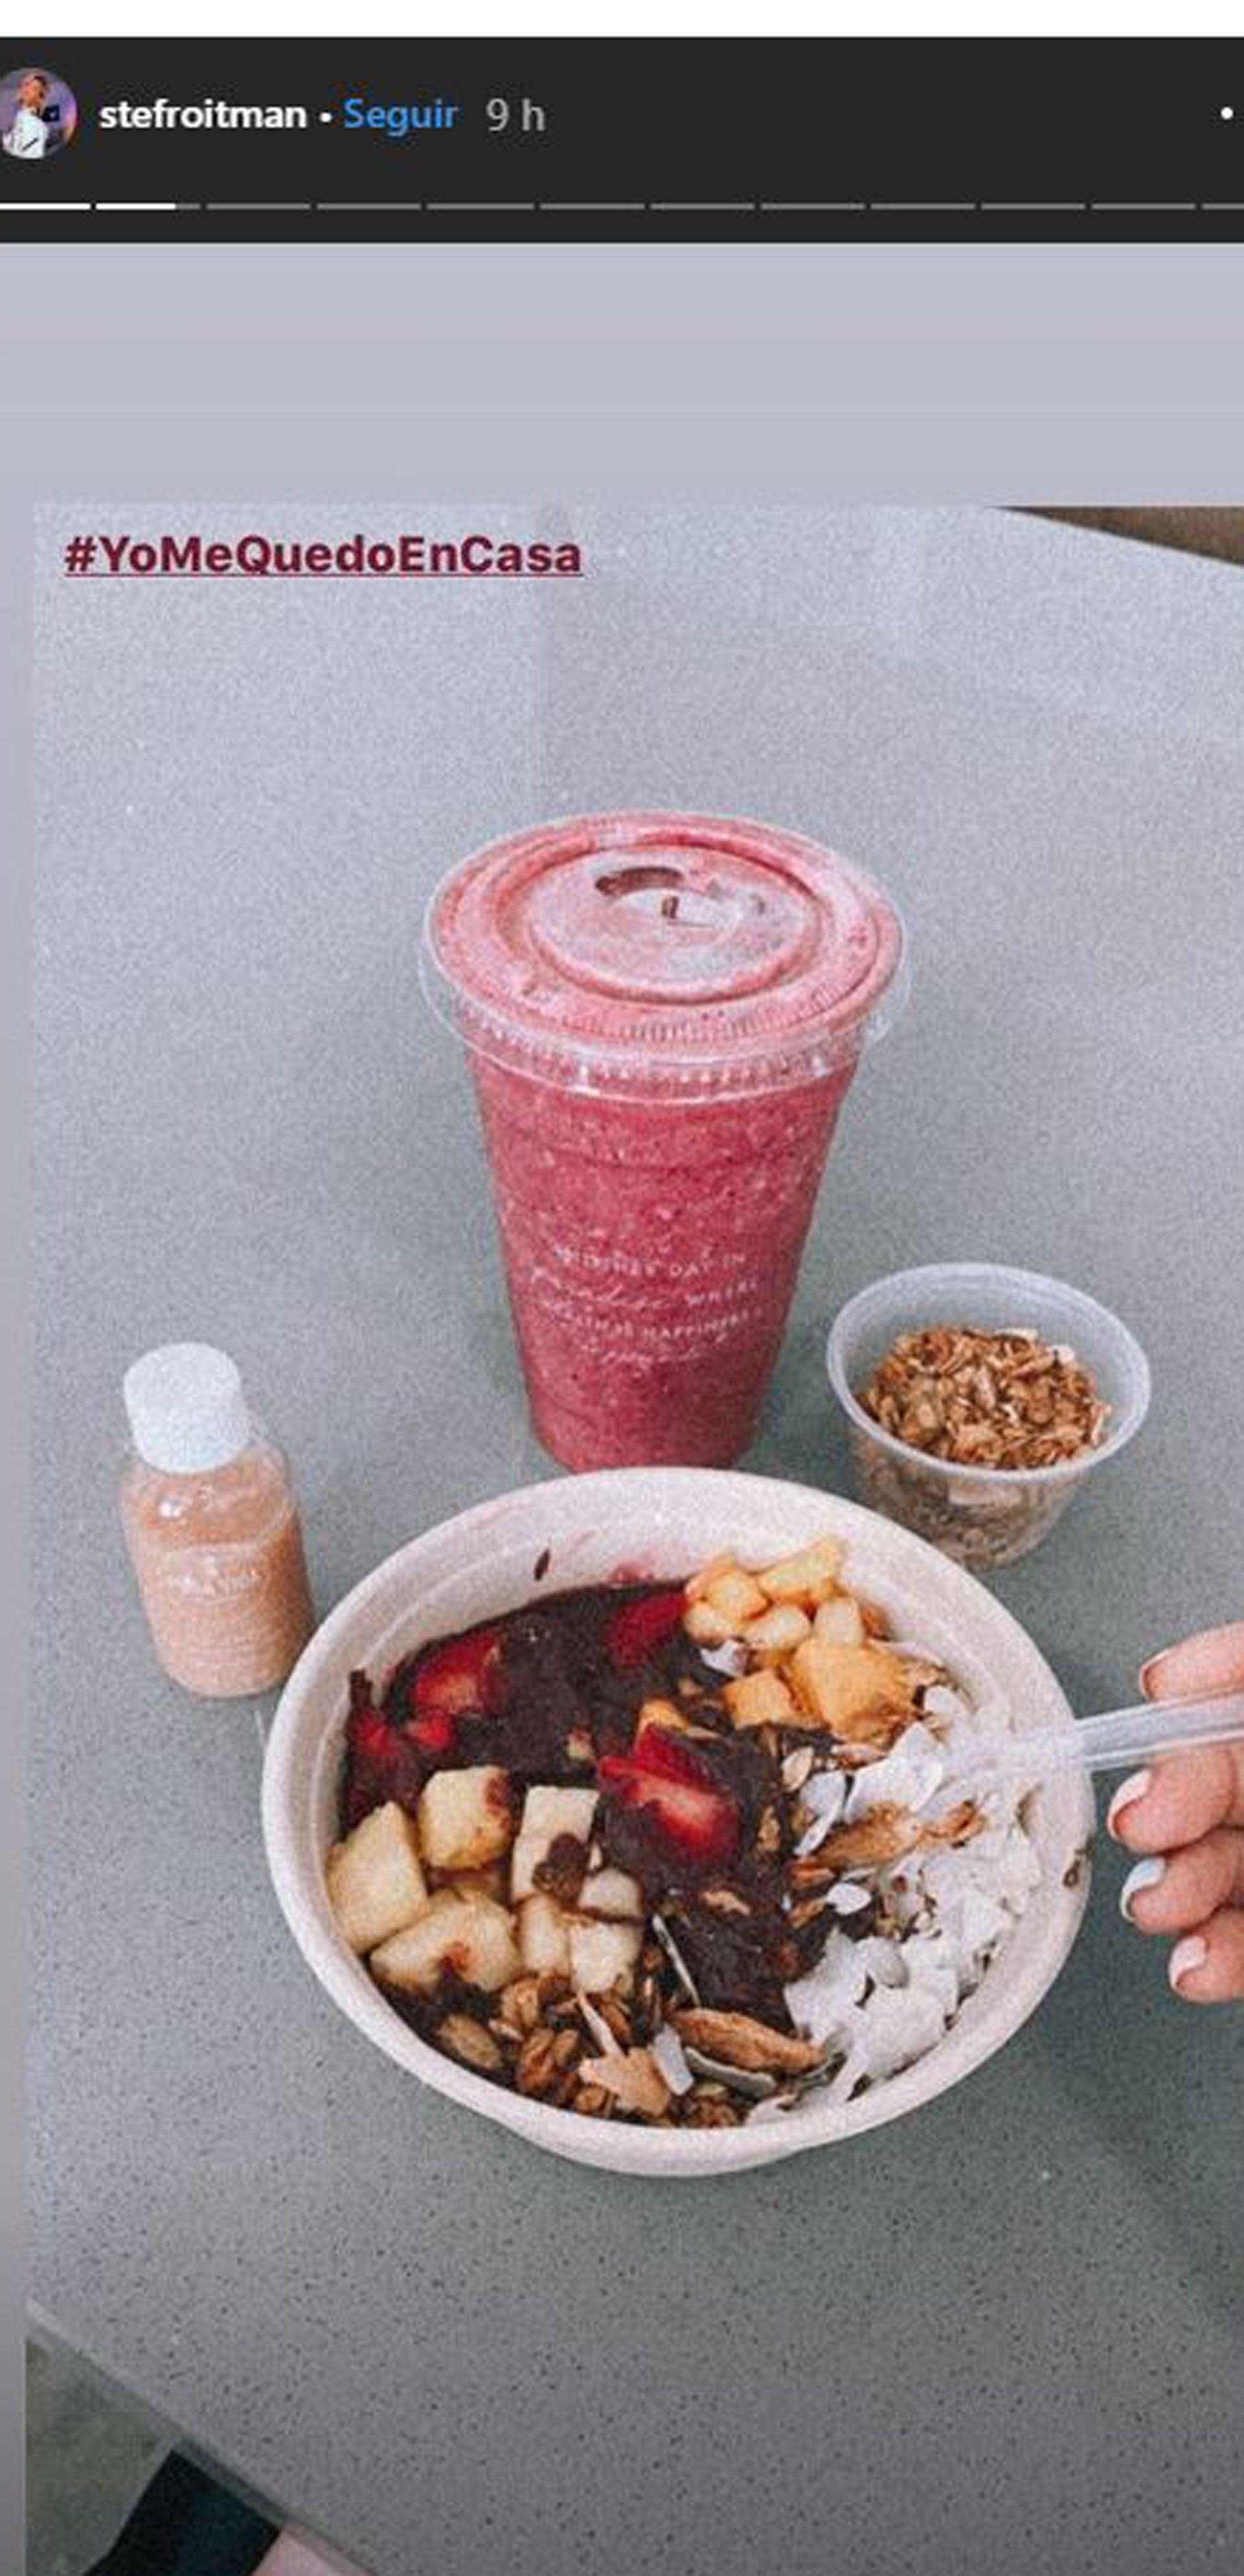 El desayuno que mostró Stefi Roitman desde sus cuentas al inicio de la cuarentena (Foto: Instagram)